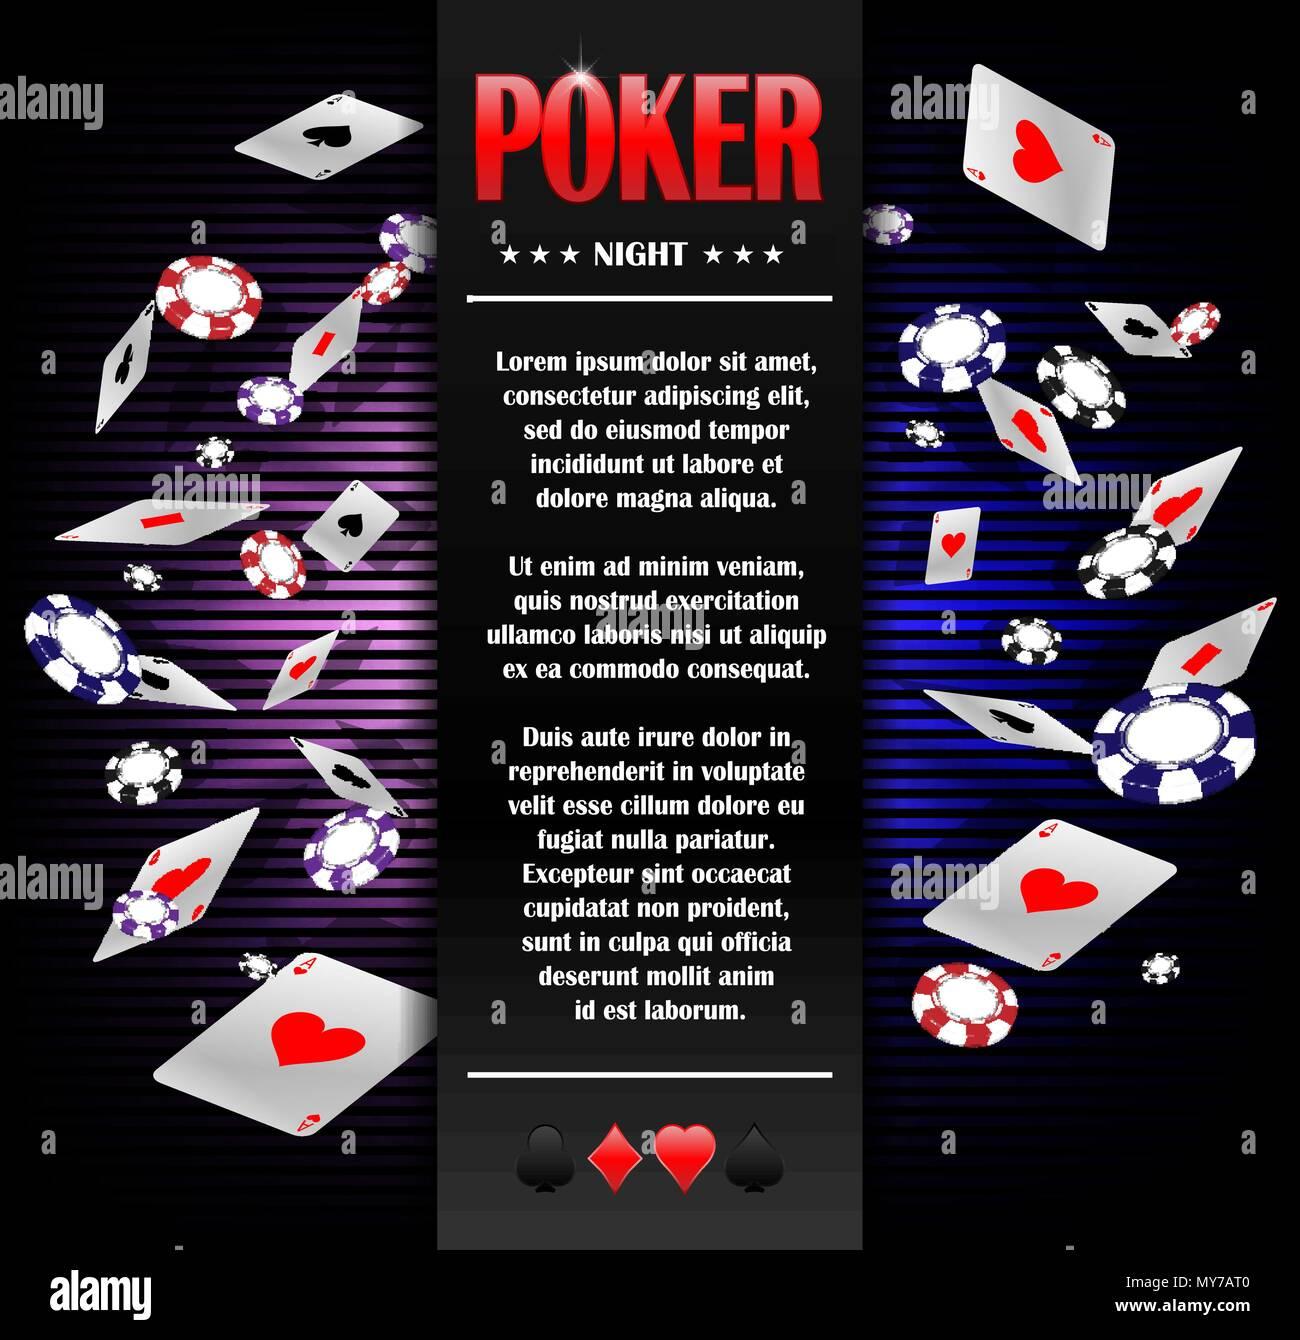 $1 minimum deposit mobile casino